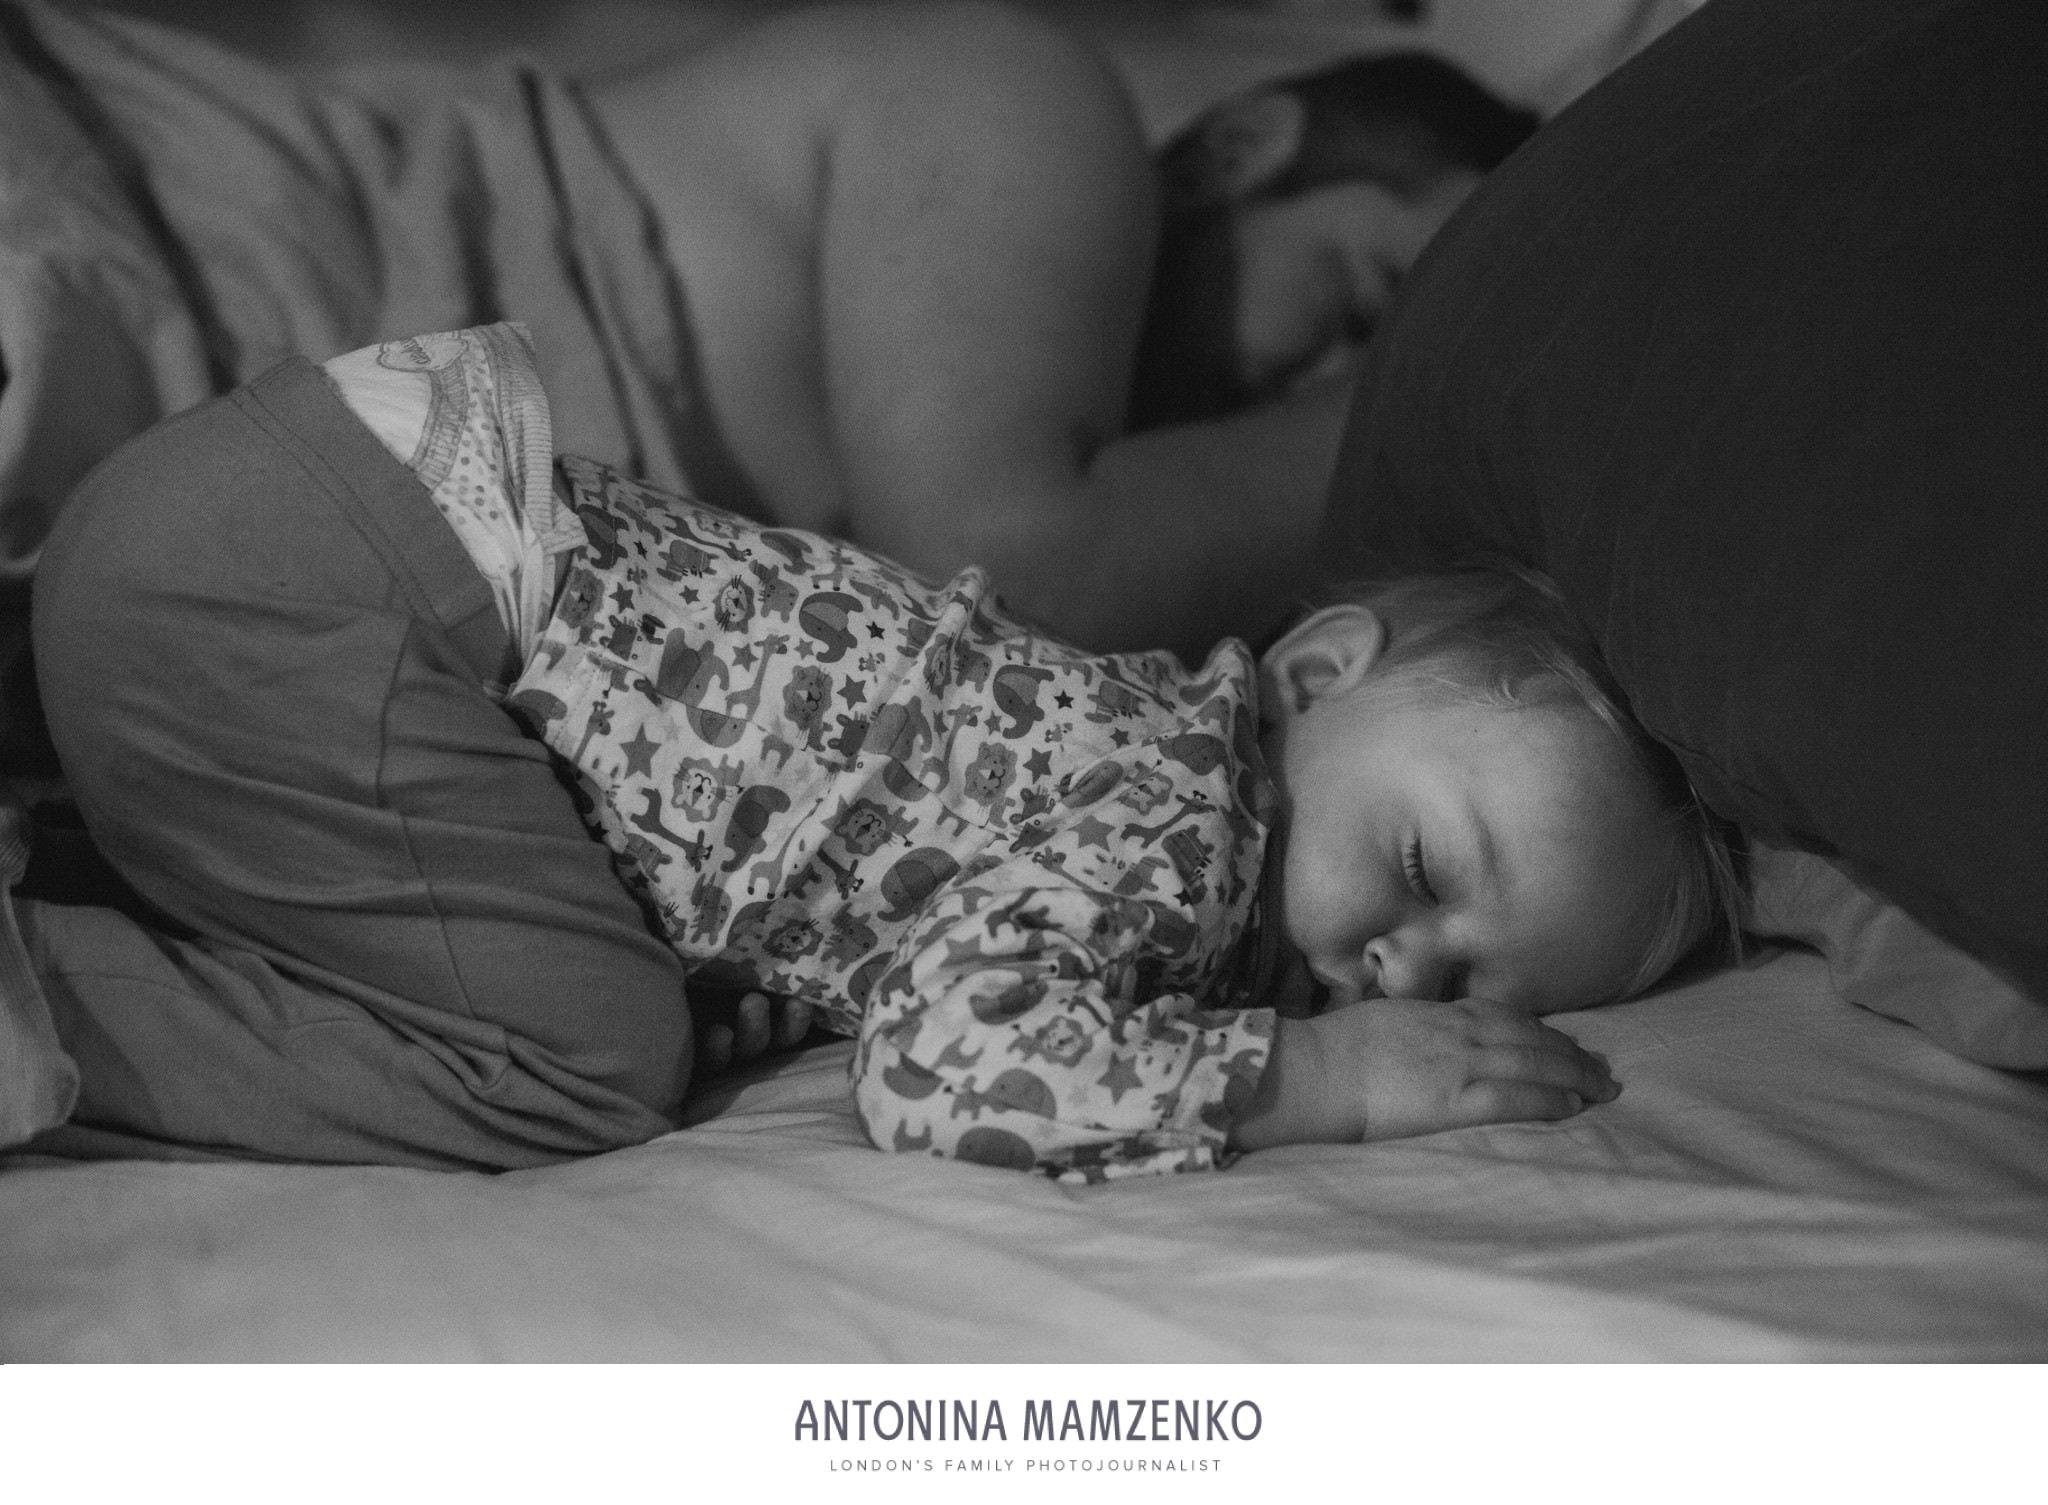 antonina-mamzenko-london_0016